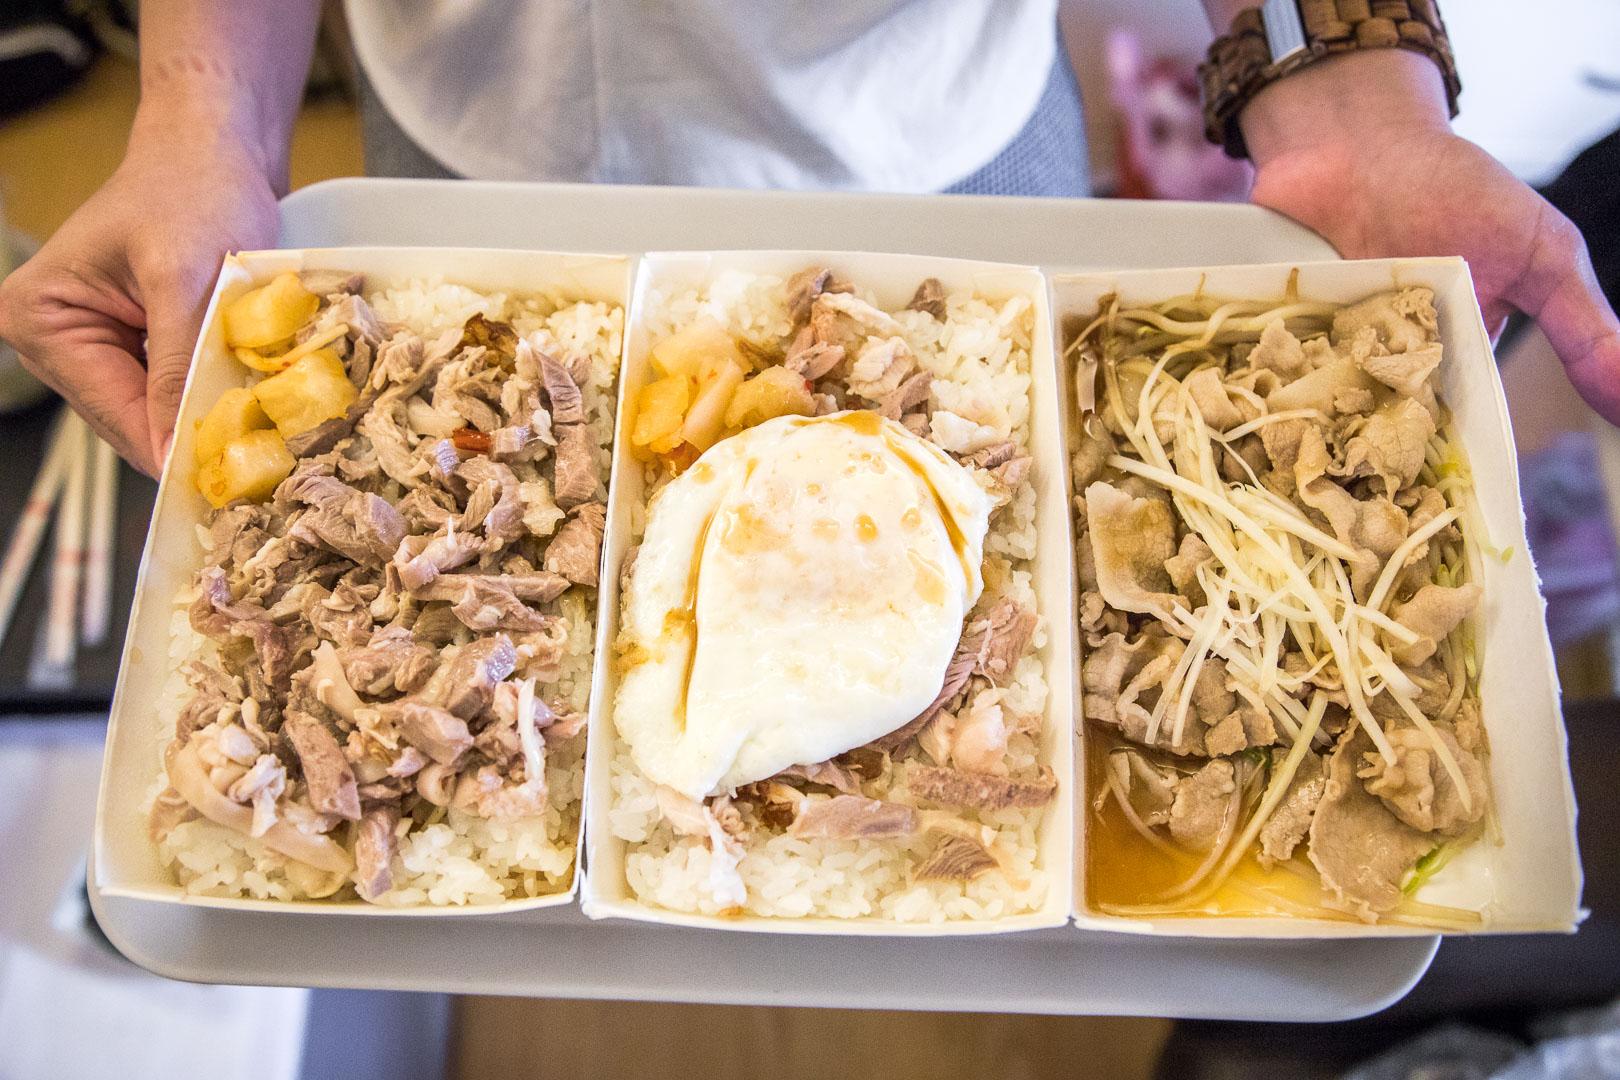 台中美食 》頂吉古早味火雞肉飯,比嘉義火雞肉飯還好吃!?近千則評價拿下4.4顆星的好吃火雞肉飯